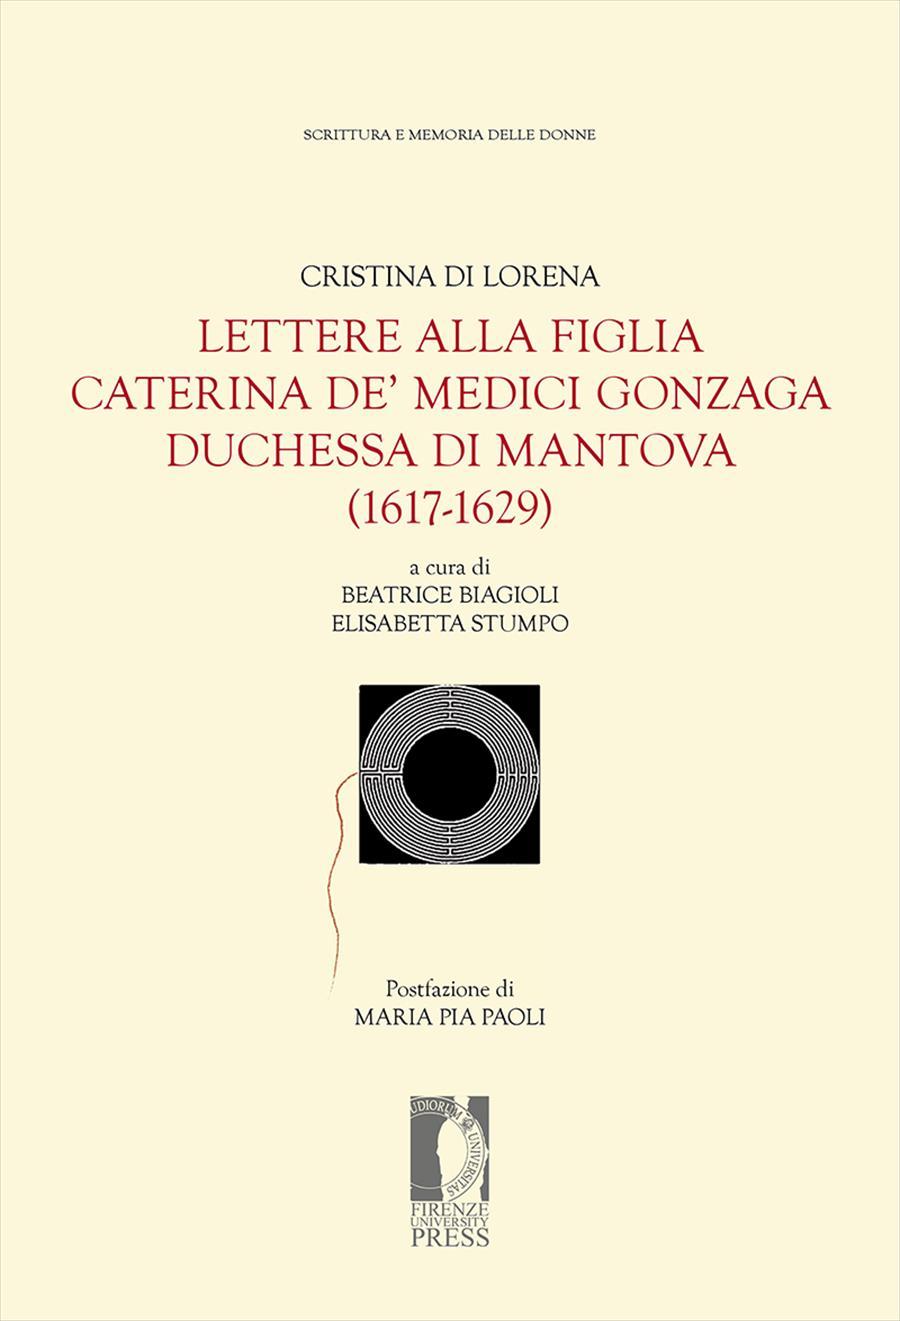 Lettere alla figlia Caterina de' Medici Gonzaga duchessa di Mantova (1617-1629)